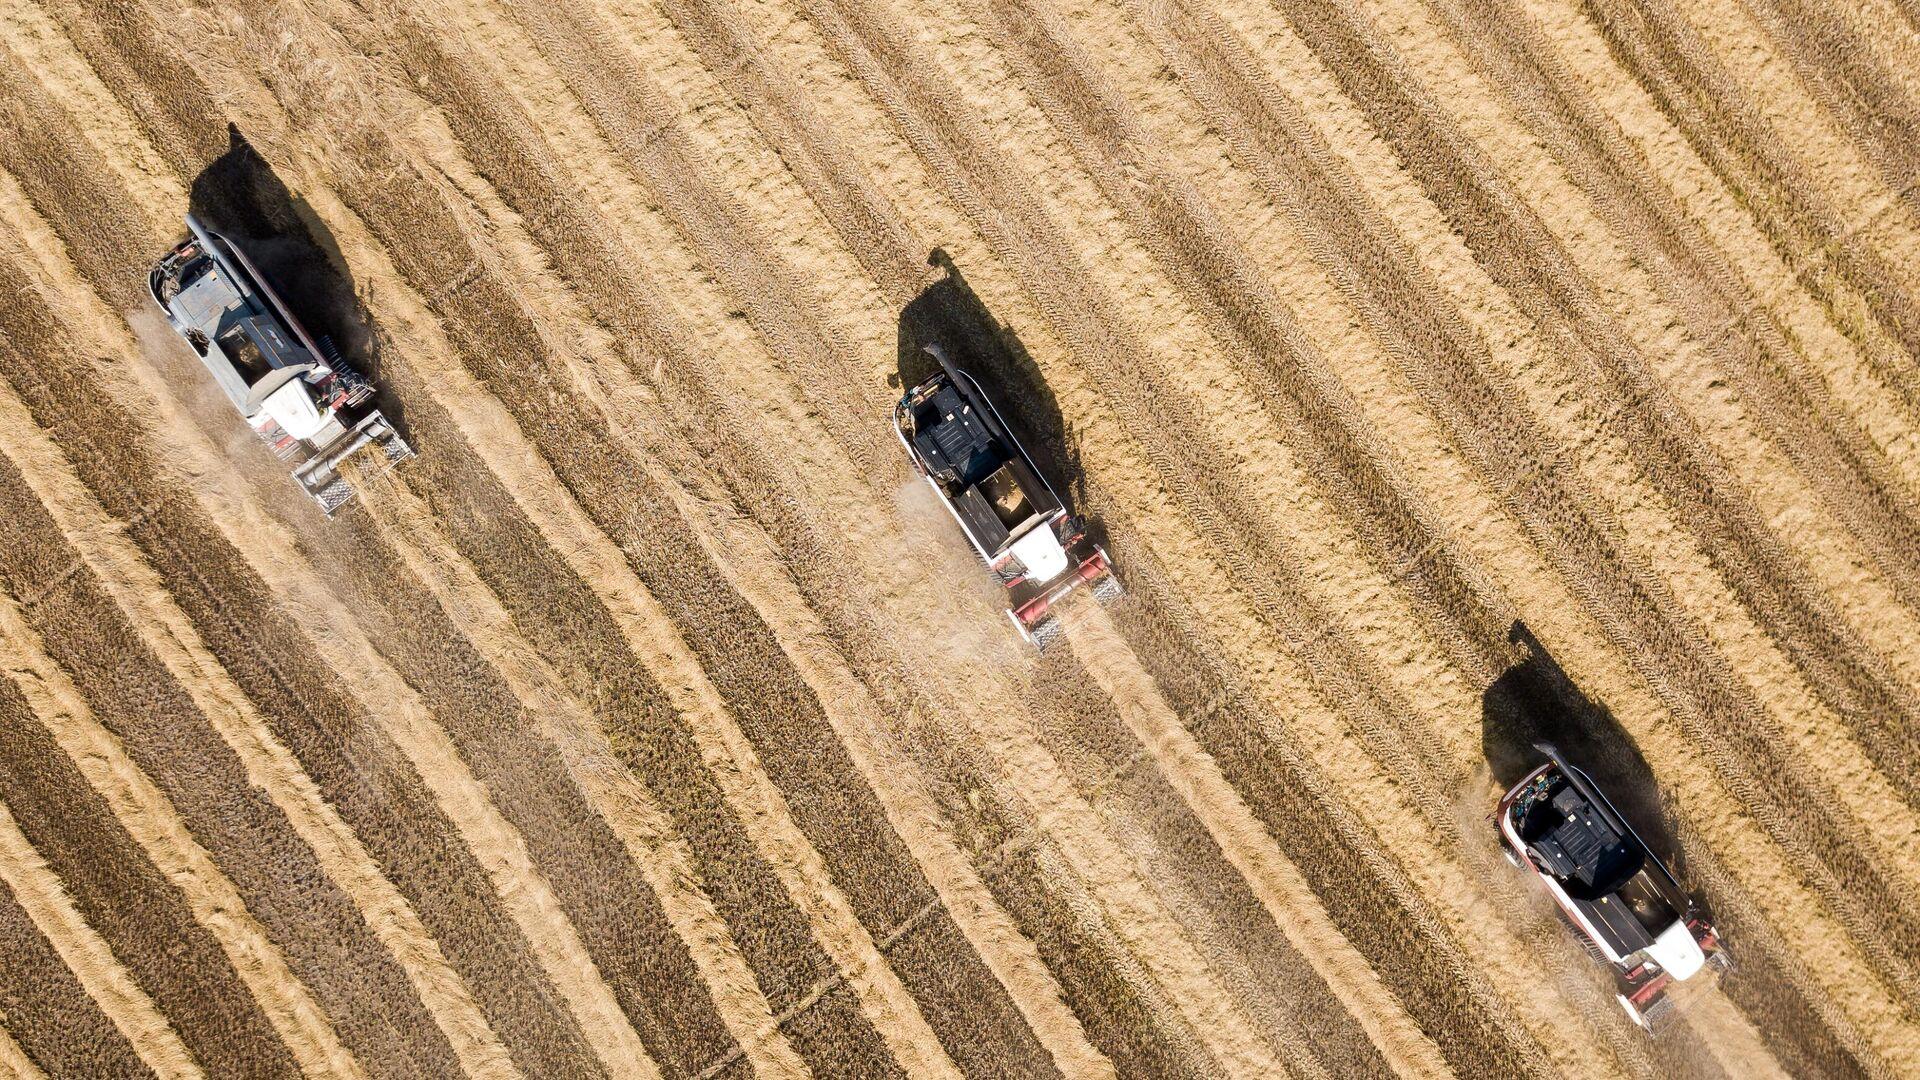 Уборка урожая риса в Краснодарском крае - РИА Новости, 1920, 10.02.2021